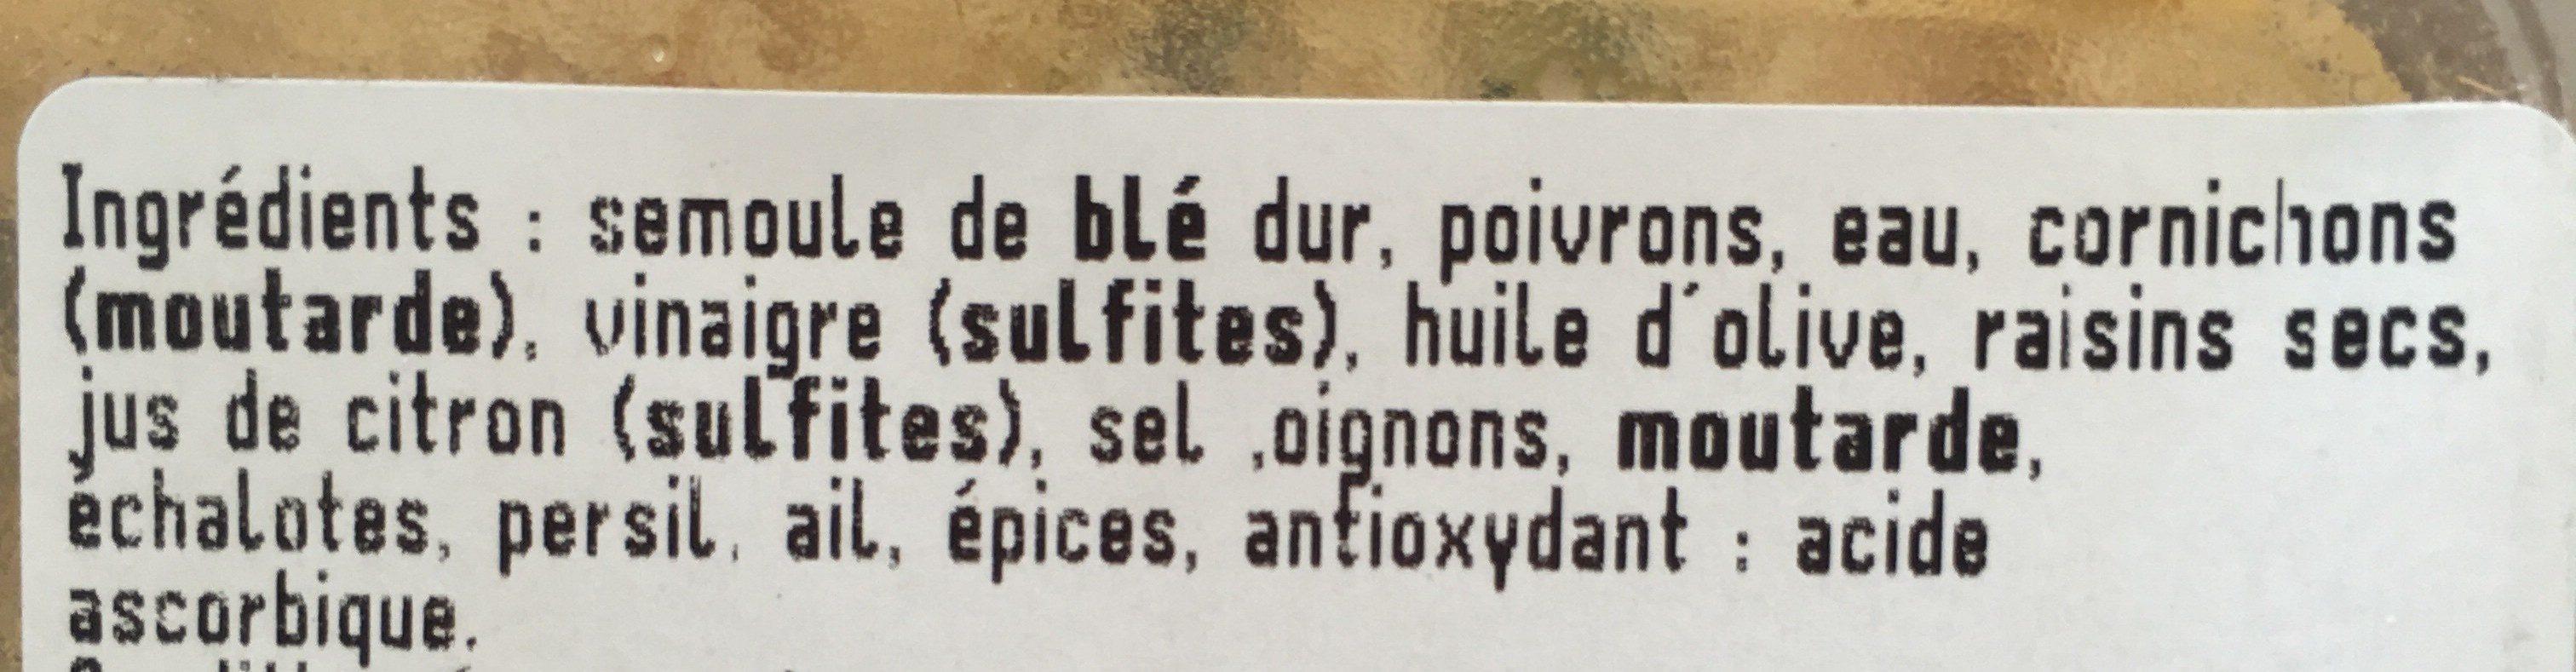 Taboulé - Ingrédients